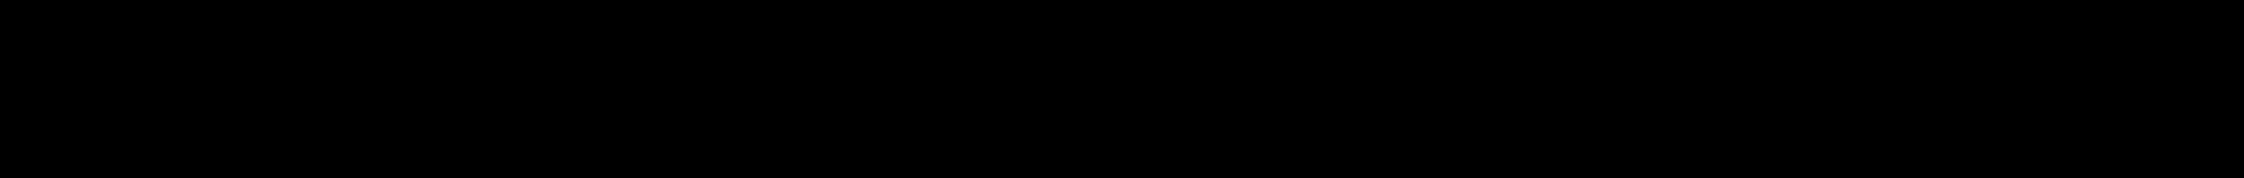 N-Cbz-4,7,10-trioxa-1,13-tridecanediamine